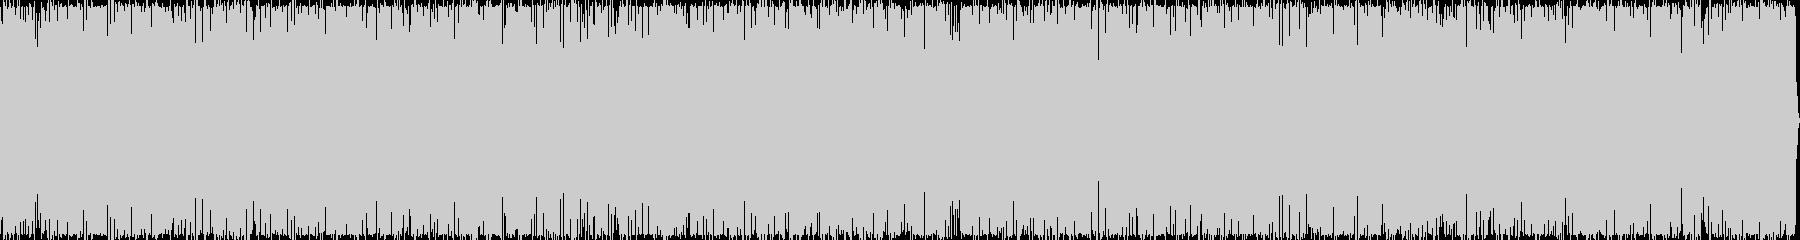 モダンジャズギタートリオが18分の未再生の波形